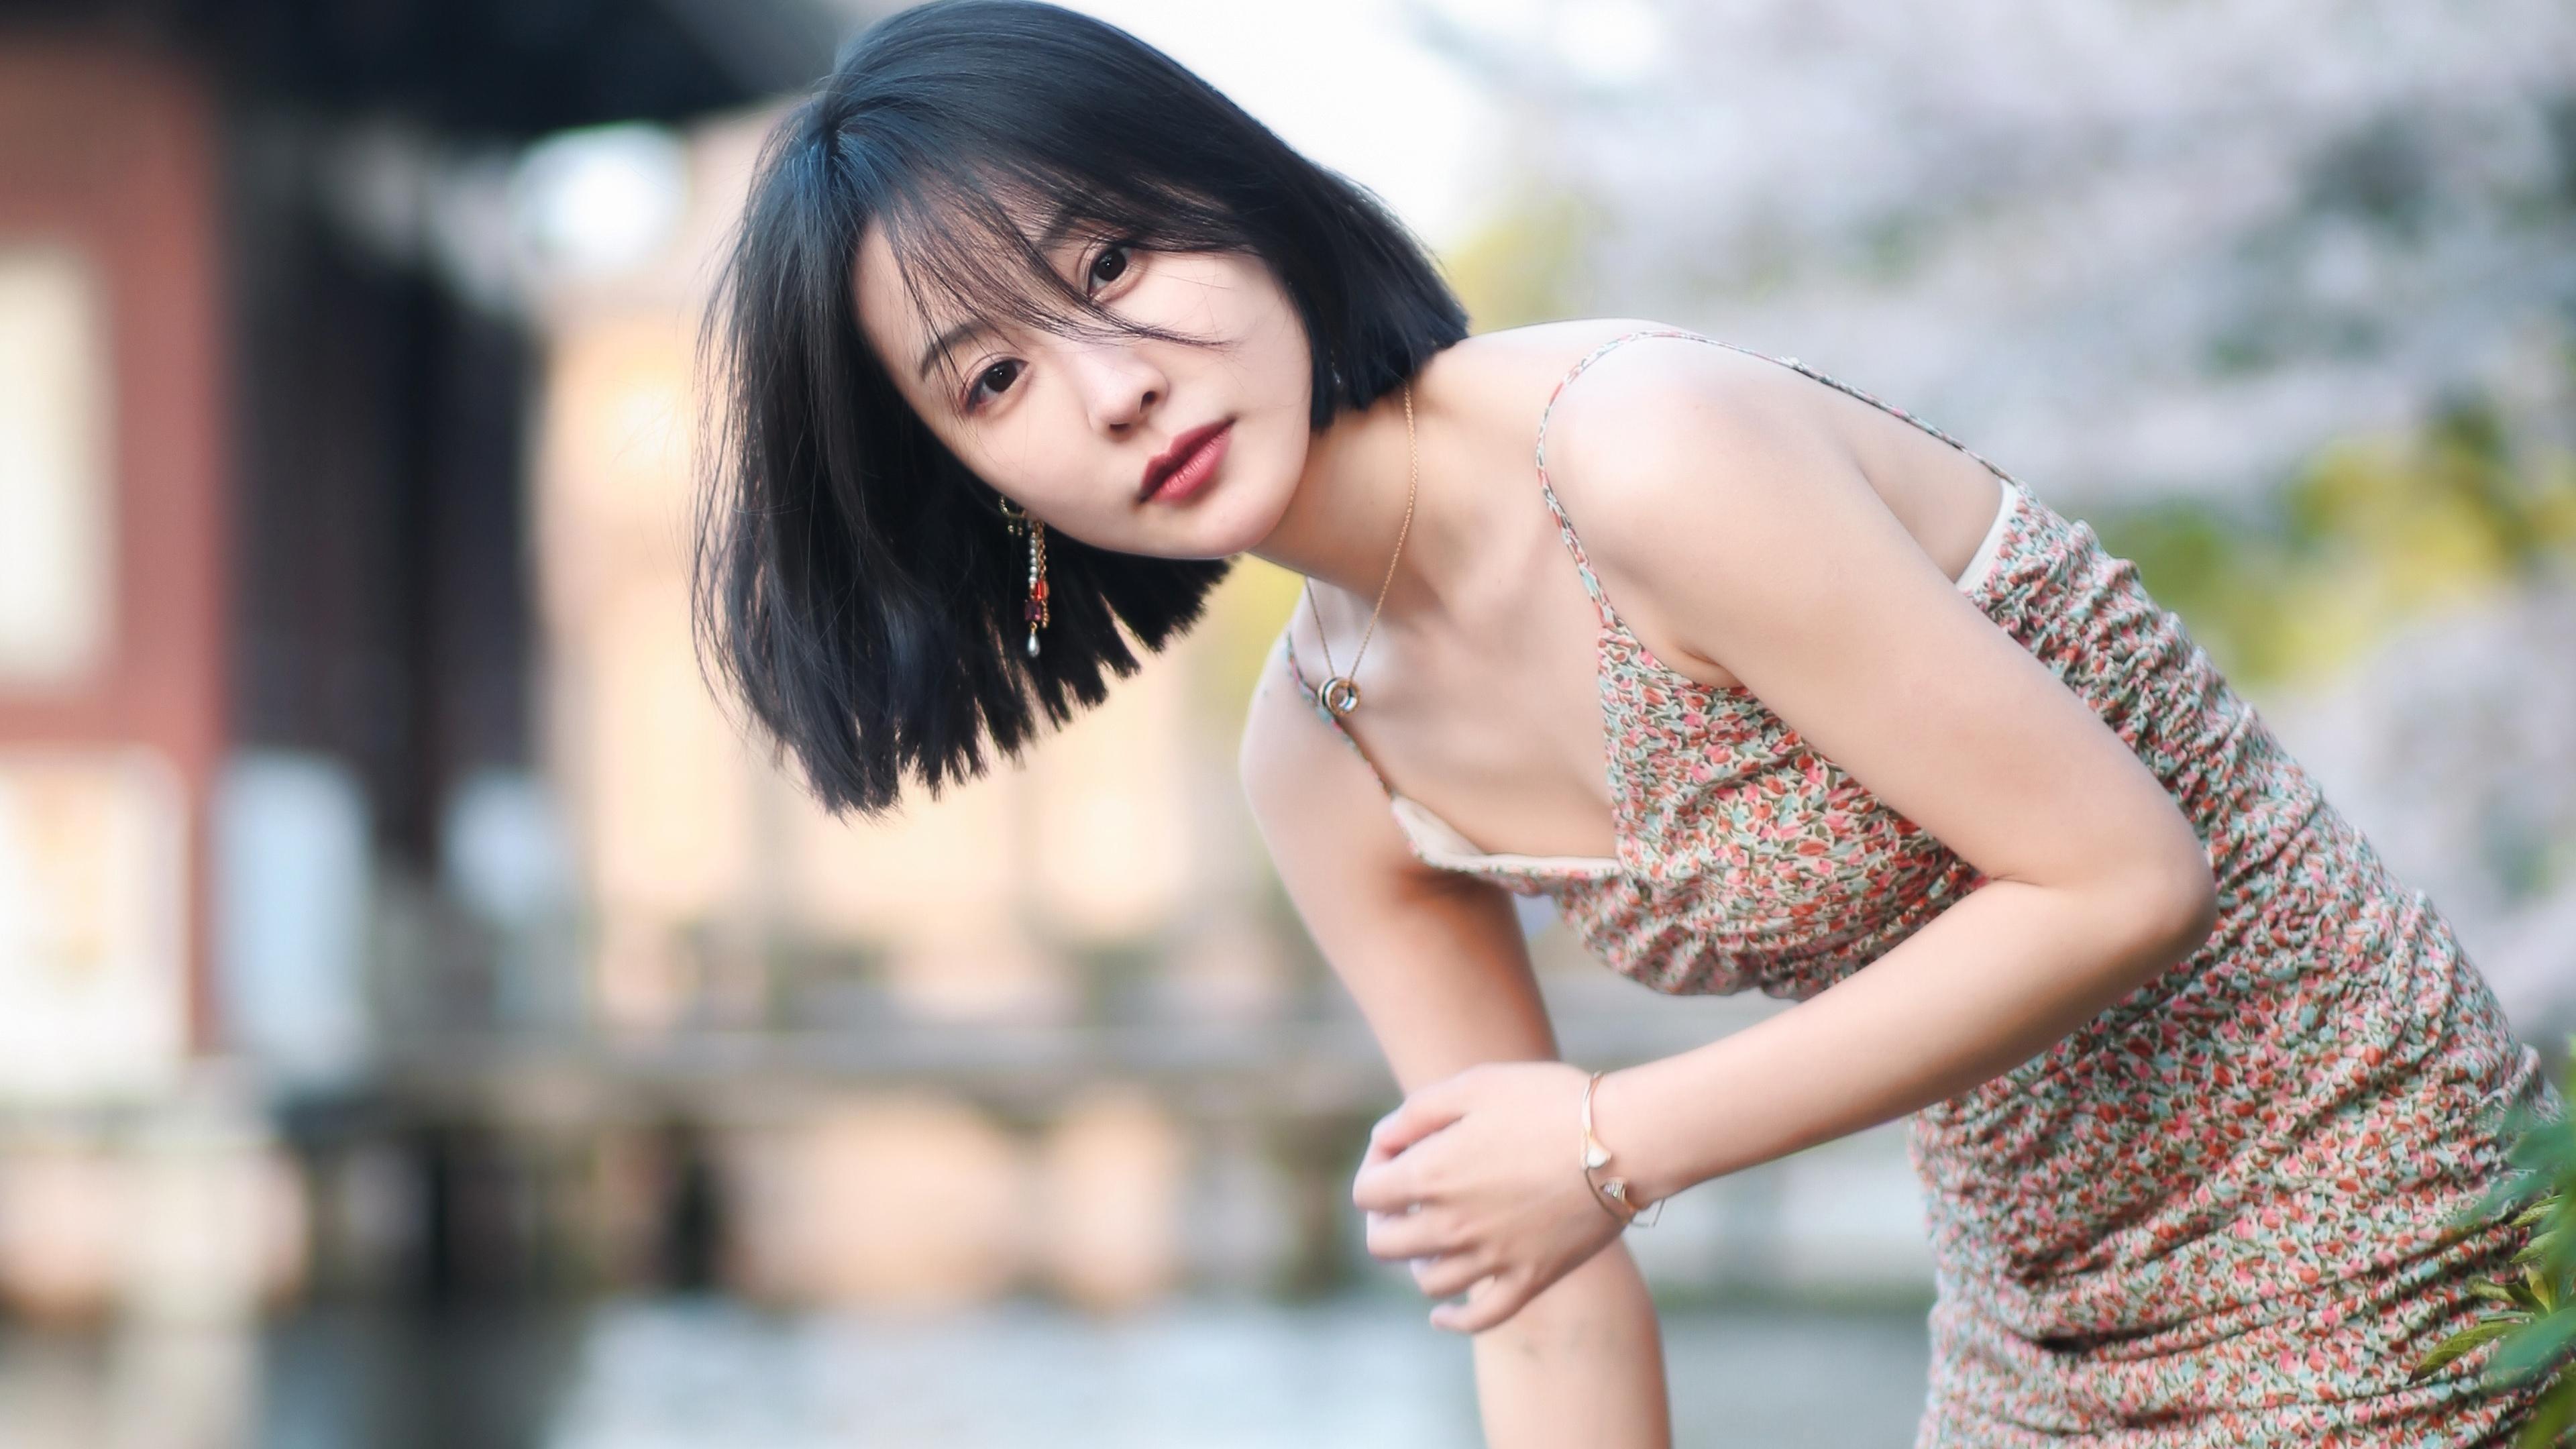 美女模特,清纯,美肩,短发,清凉